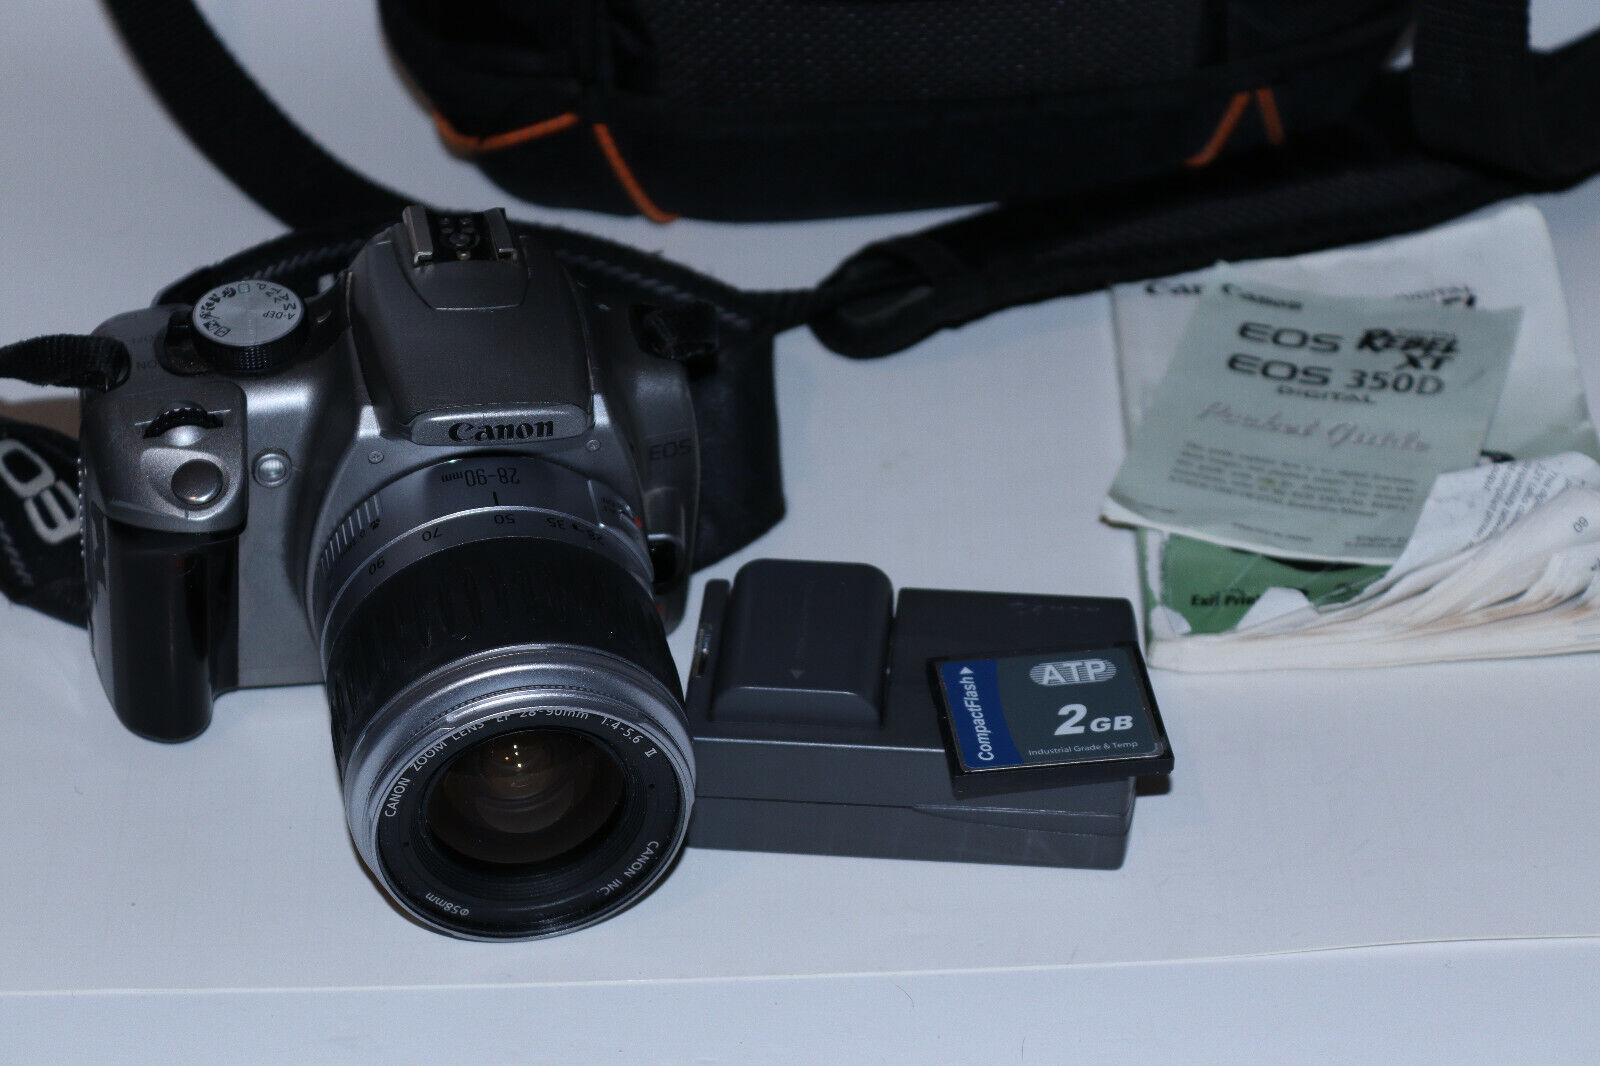 Canon EOS Digital Rebel XT / EOS 350D 8.0MP DSLR W/ Canon 28-90mm AF Lens More - $78.00